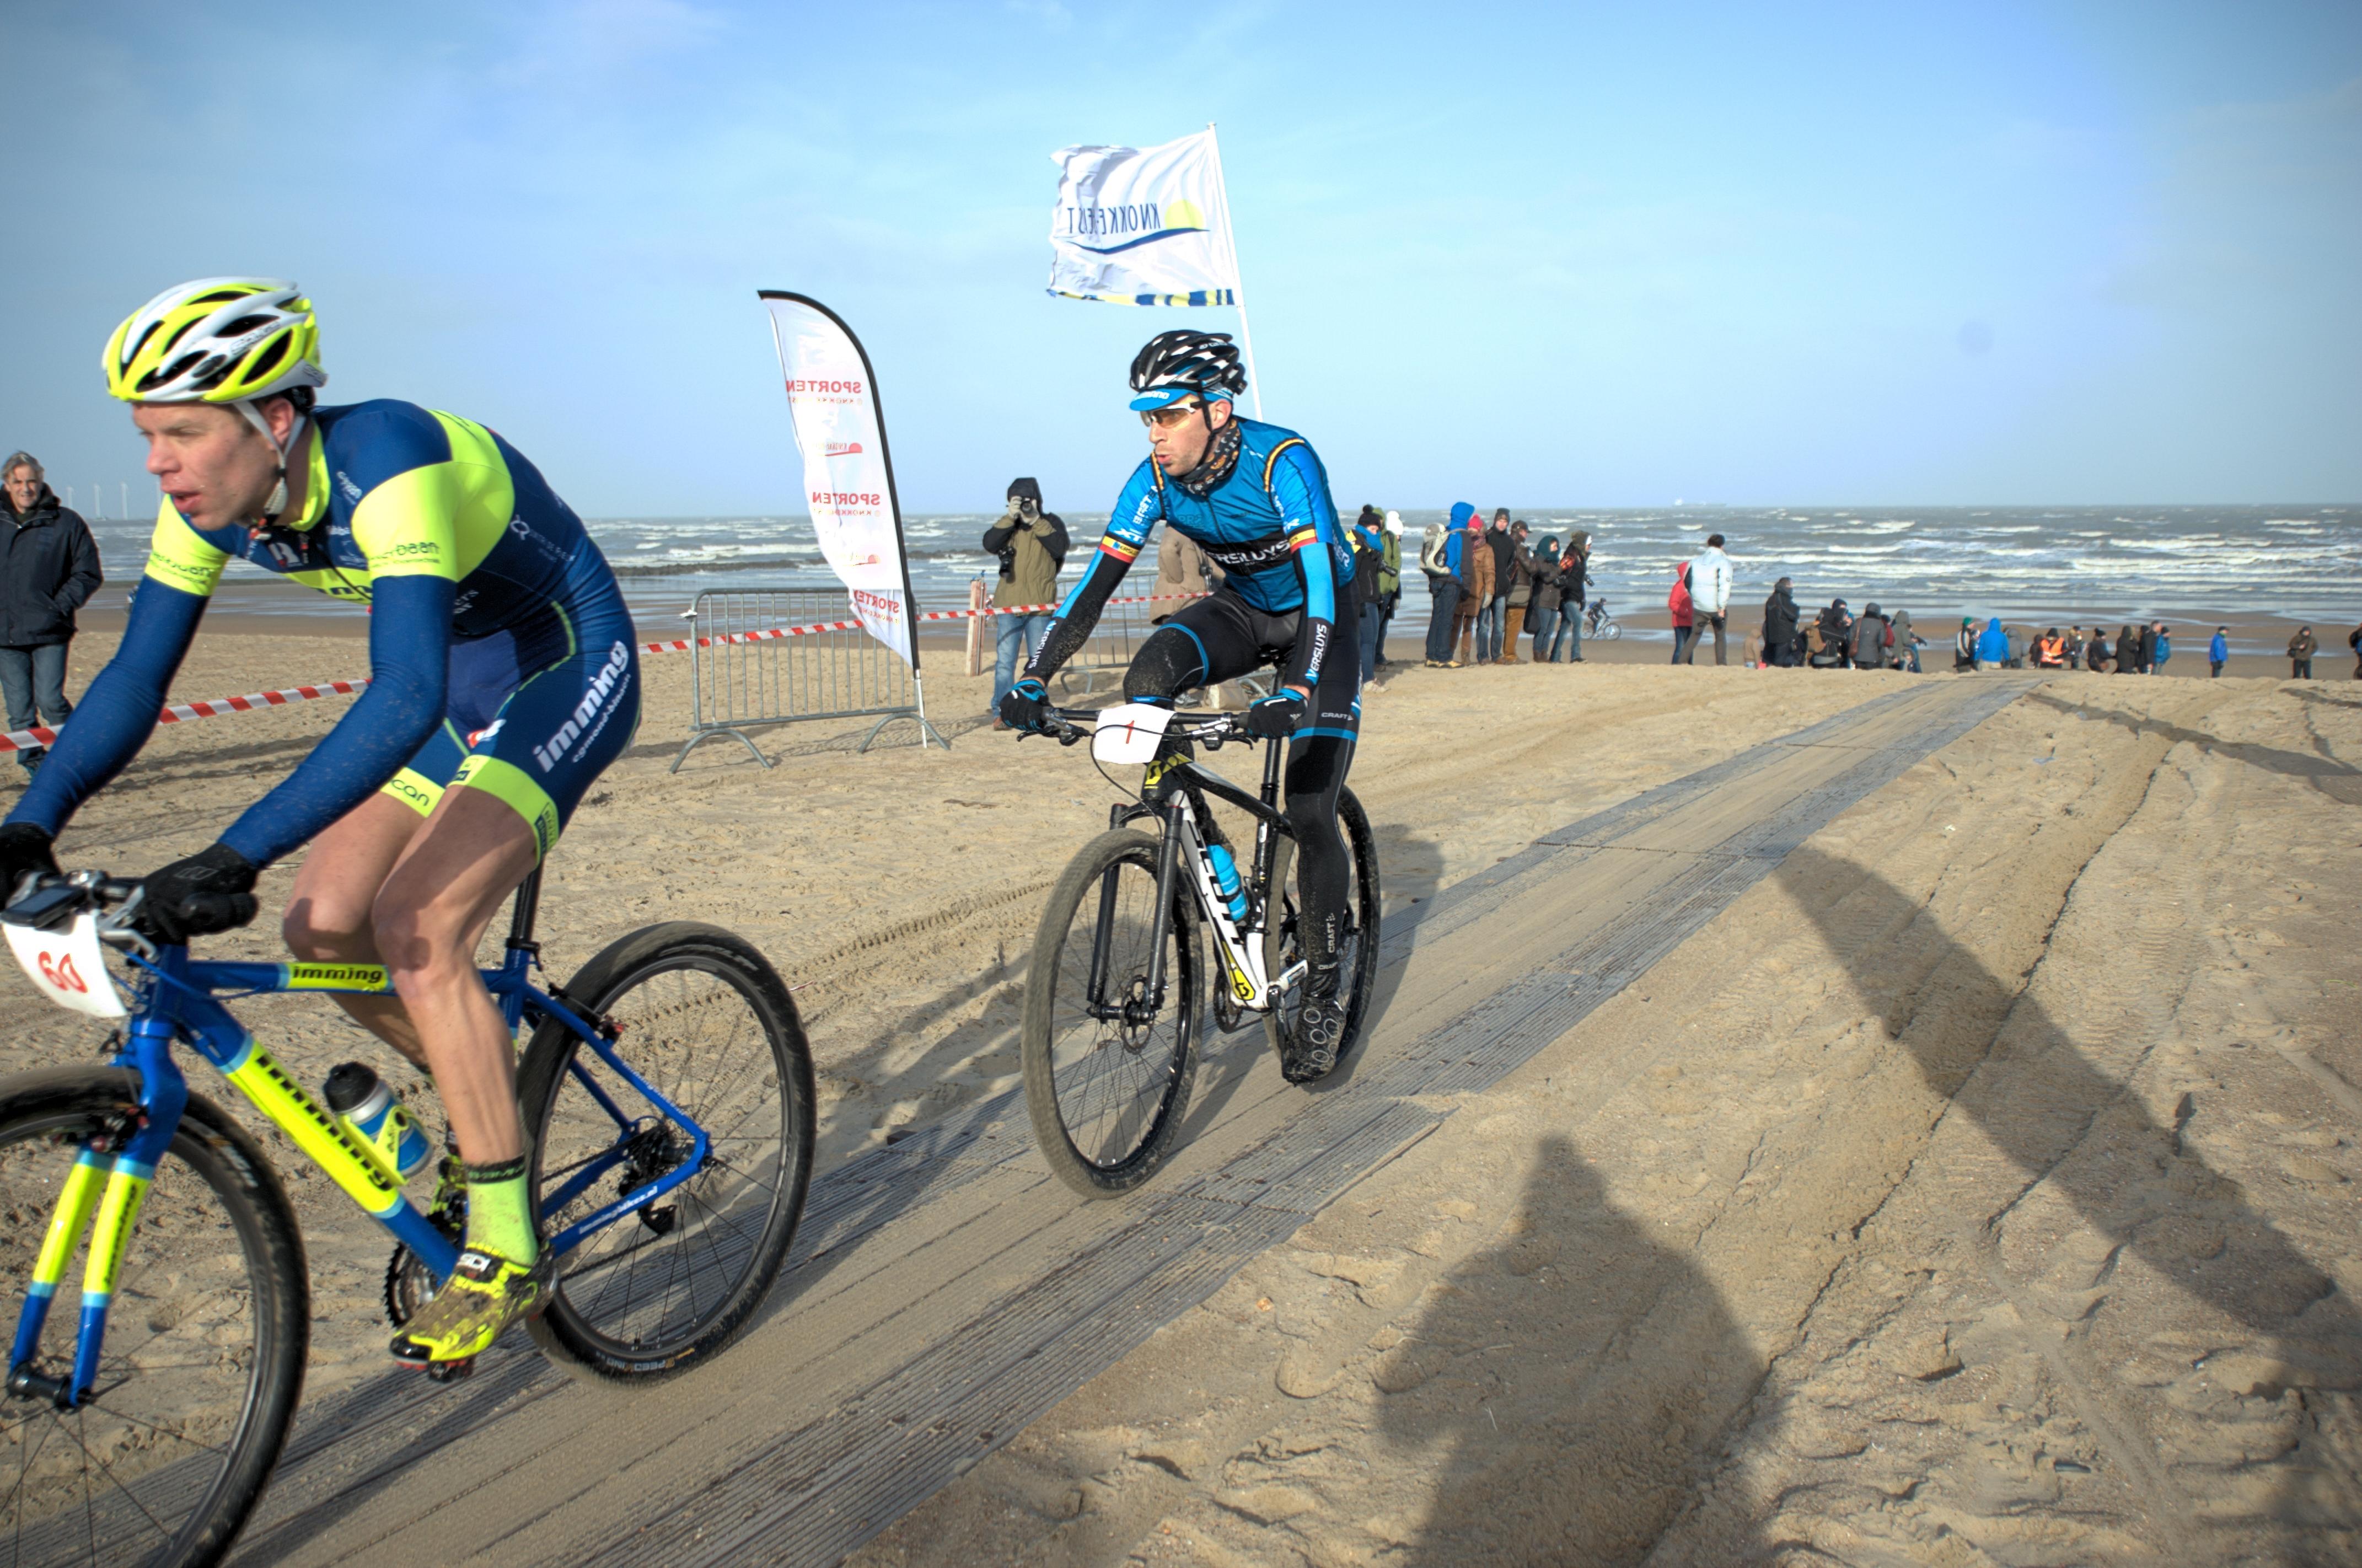 Gosse van der Meer wint de proloog van de Ameland strandrace